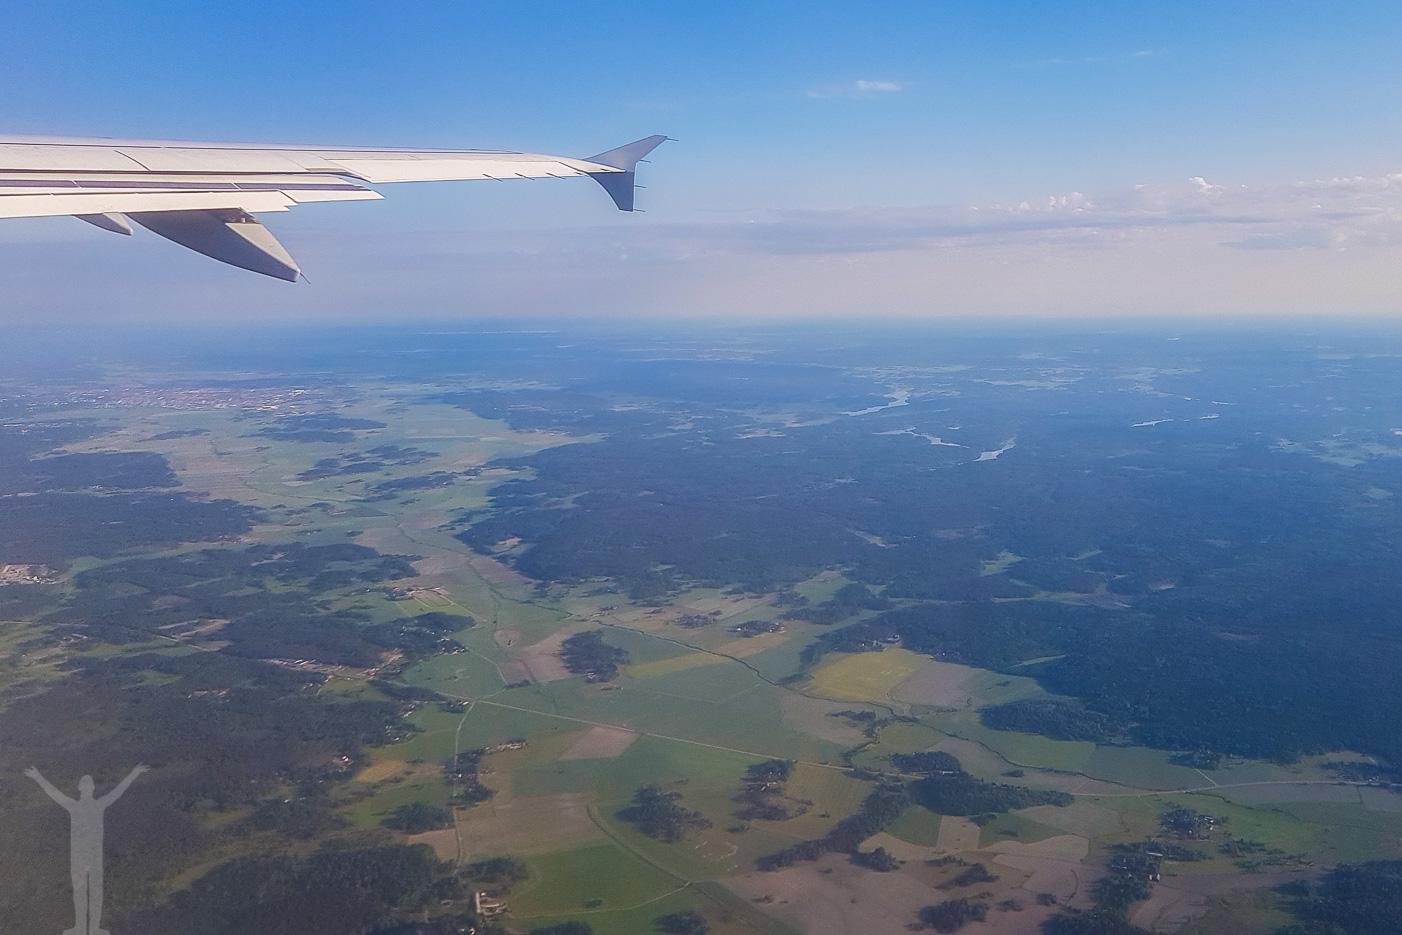 Lufthansa A320ceo ARN-MUC